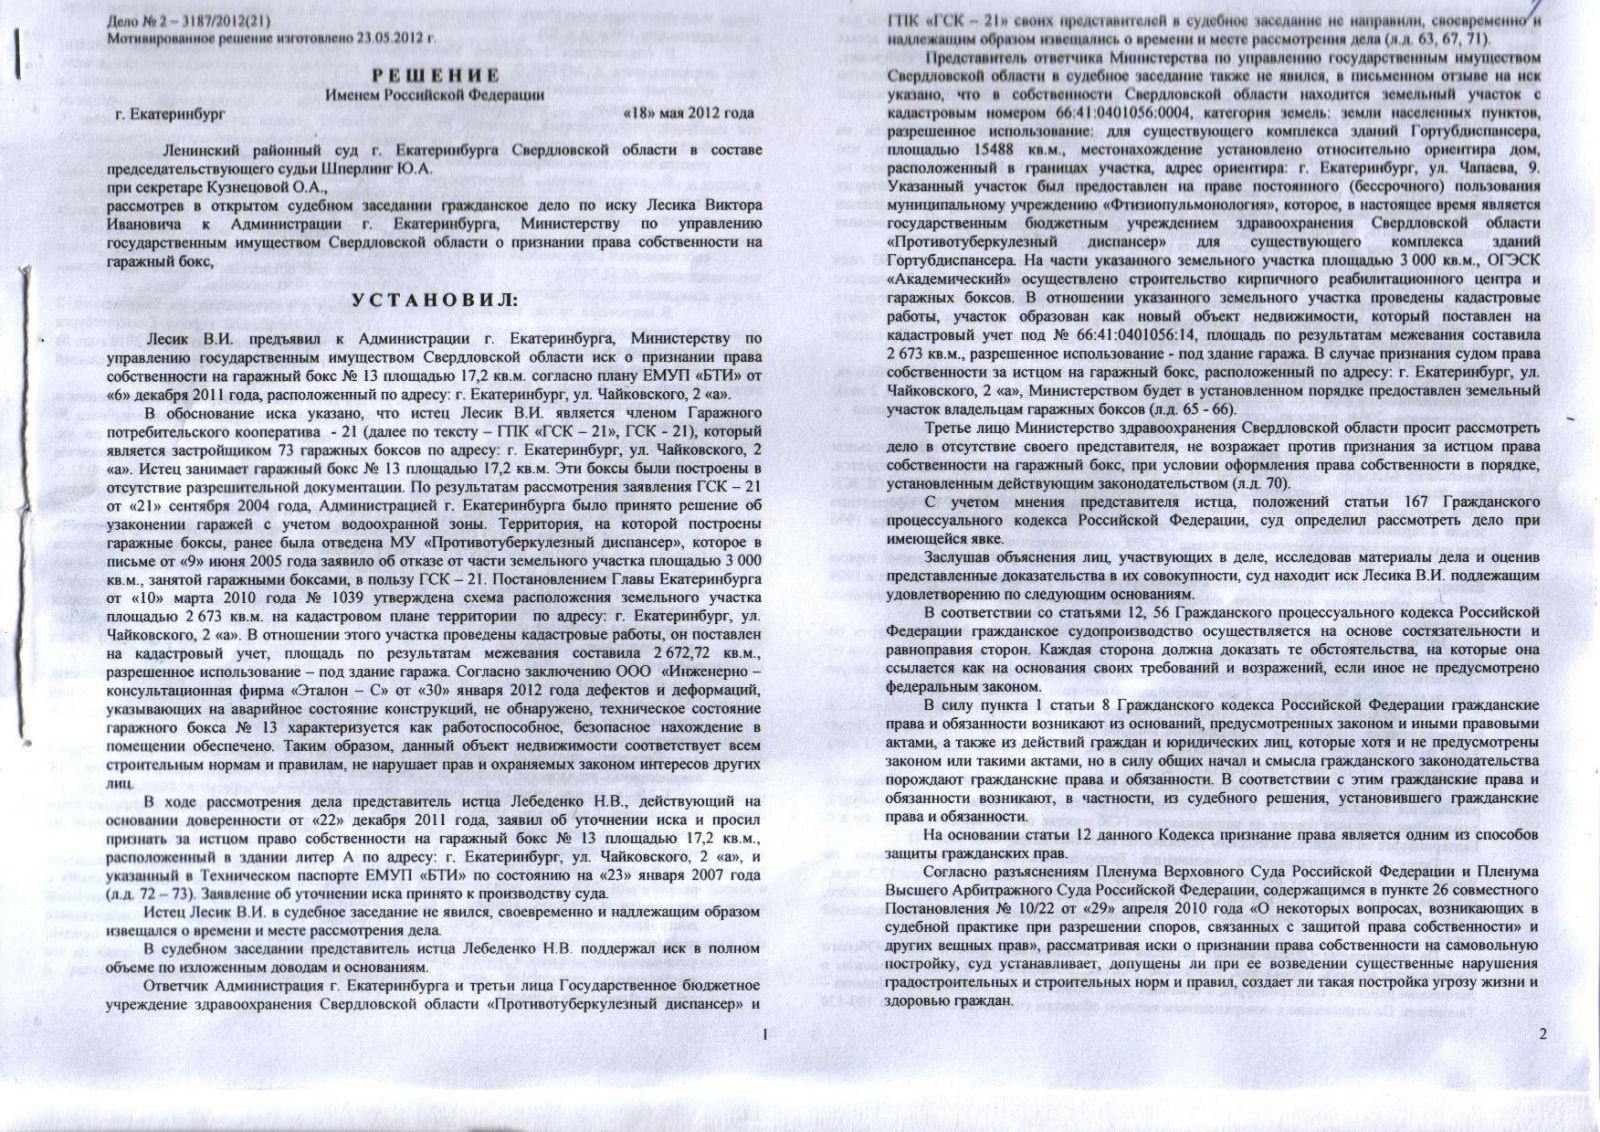 Калининградский районный суд иск инны кобец о защите чести и деловой репутации